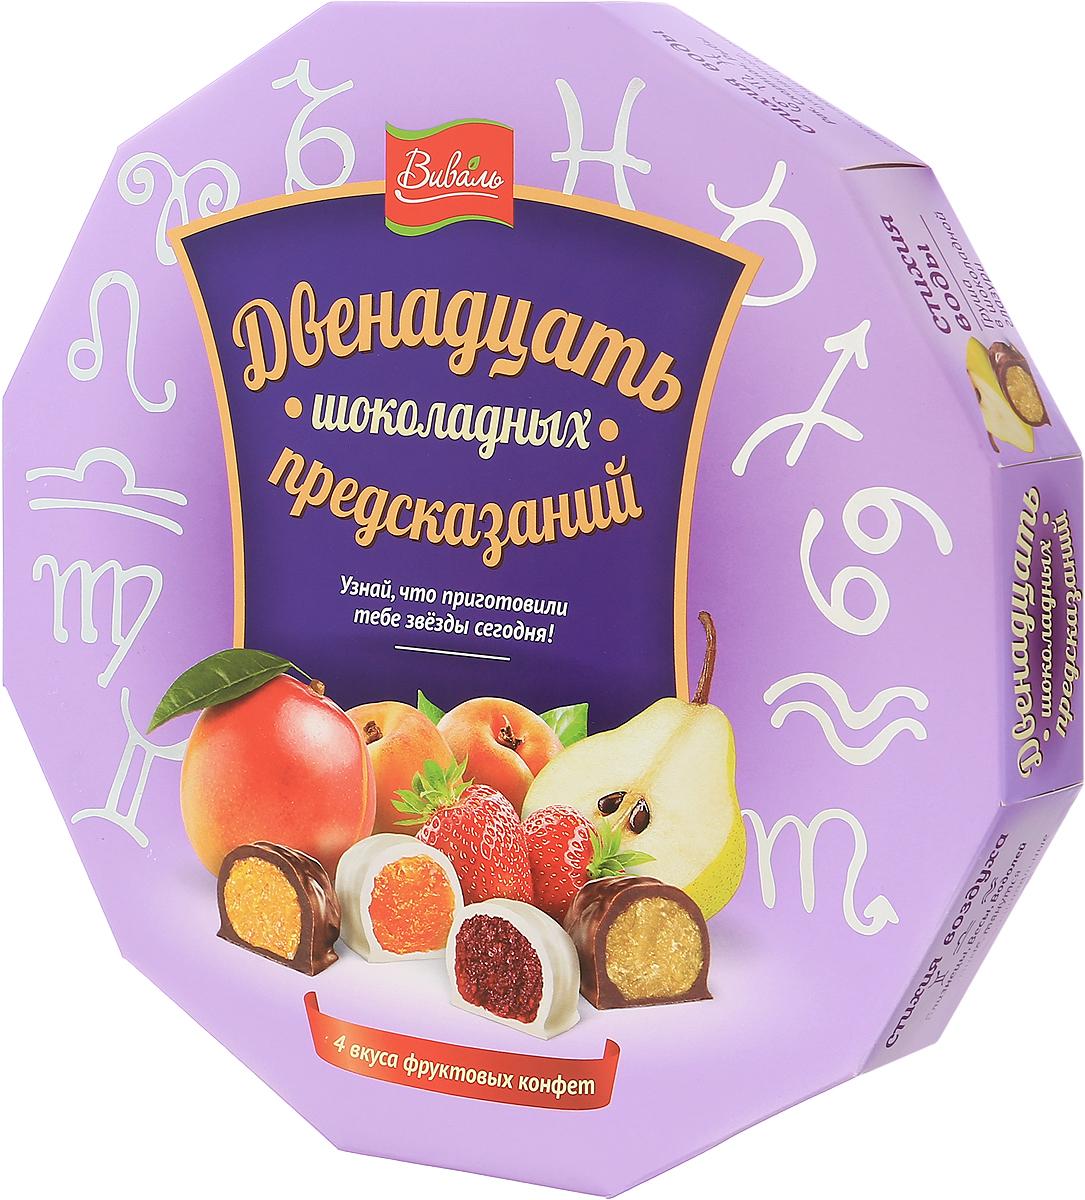 """Виваль набор конфет """"12 шоколадных предсказаний"""", 220 г 4620000677512"""